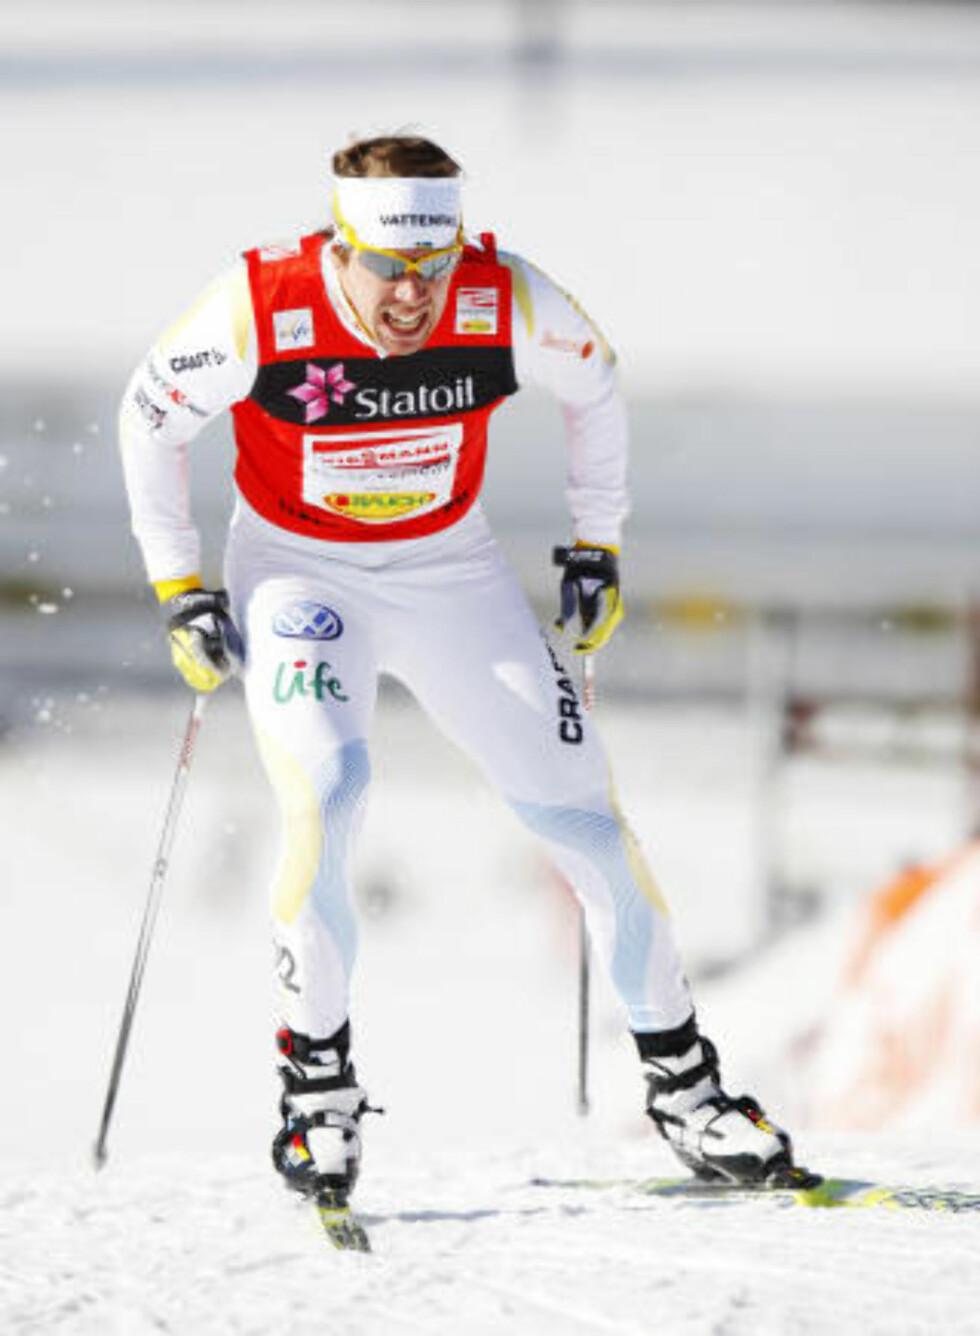 FIKK REVANSJ PÅ JÖNSSON: Etter annenplassen bak Jönsson i Drammen slo Northug fast at han er bedre enn svensken i staking - men dårligere i diagonalgang. Det fikk han vist i dag.  Foto: Erlend Aas / Scanpix